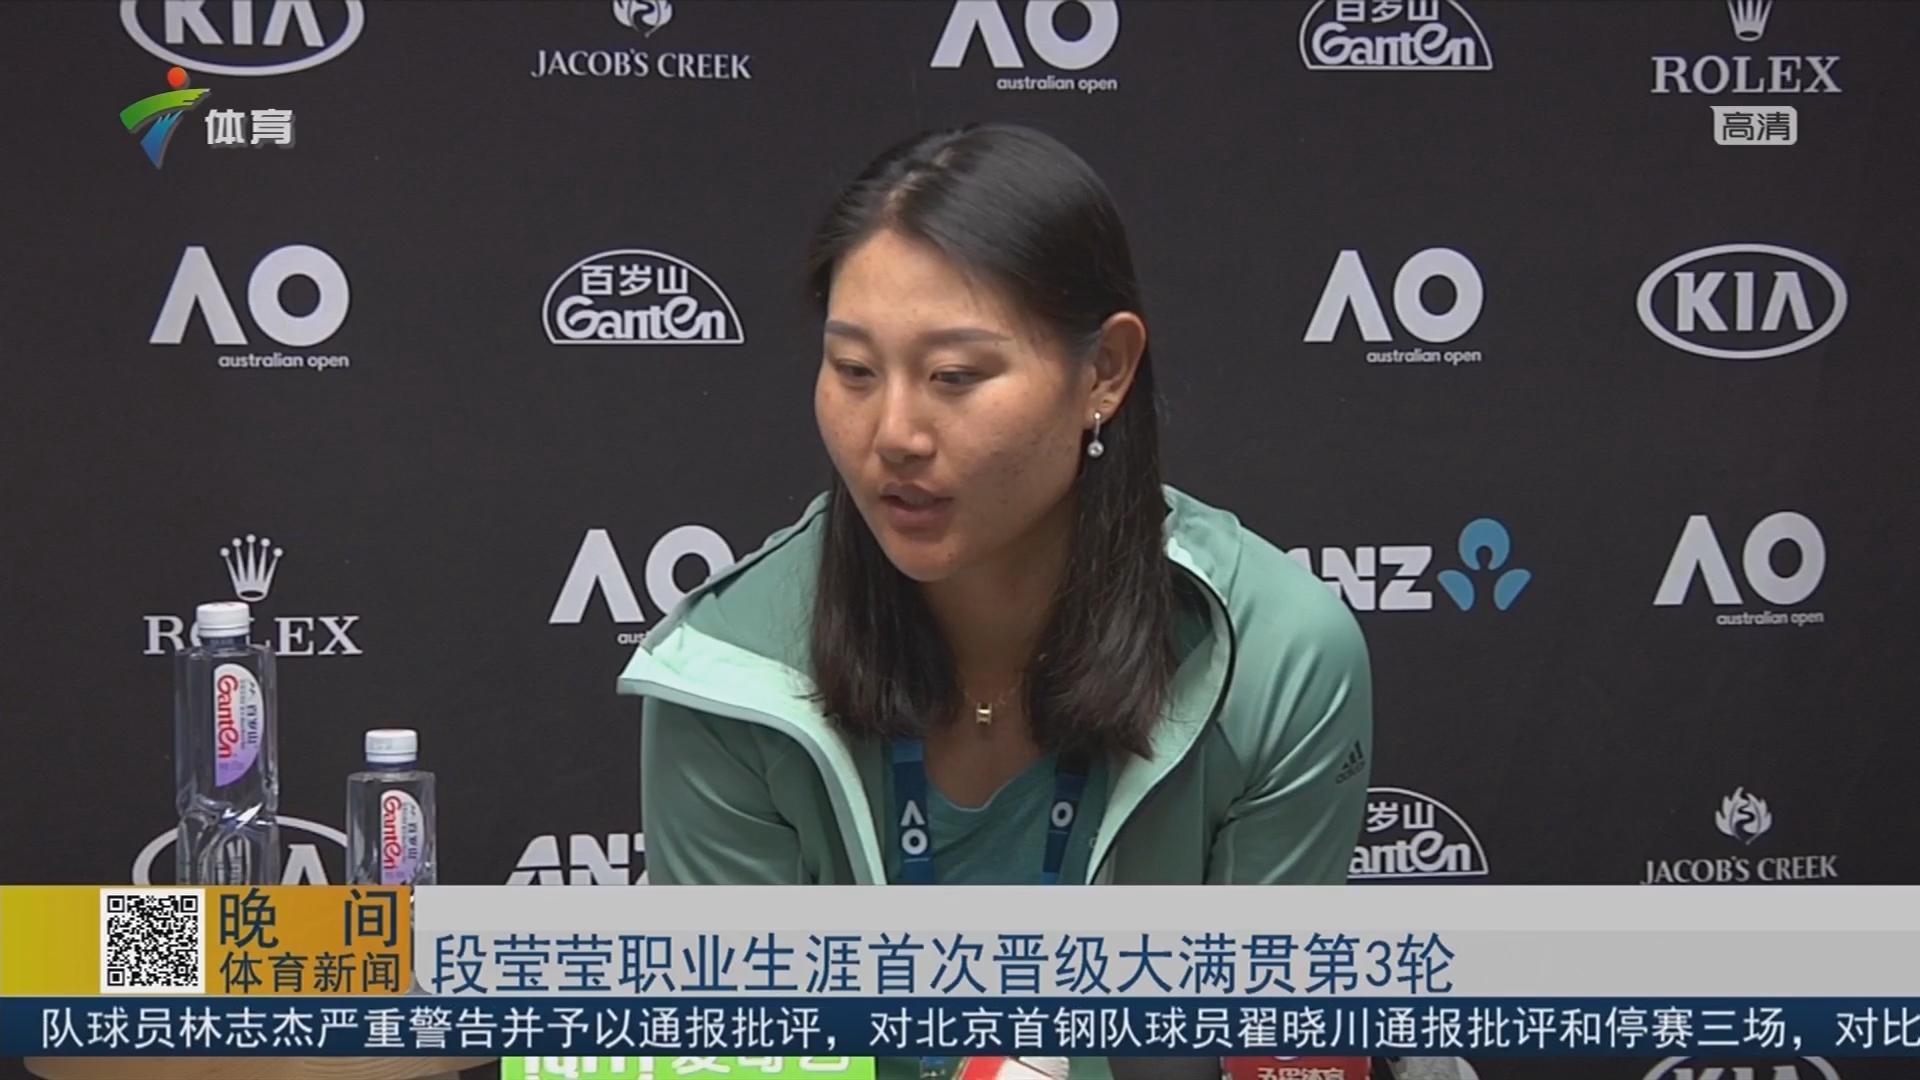 段莹莹职业生涯首次晋级大满贯第3轮